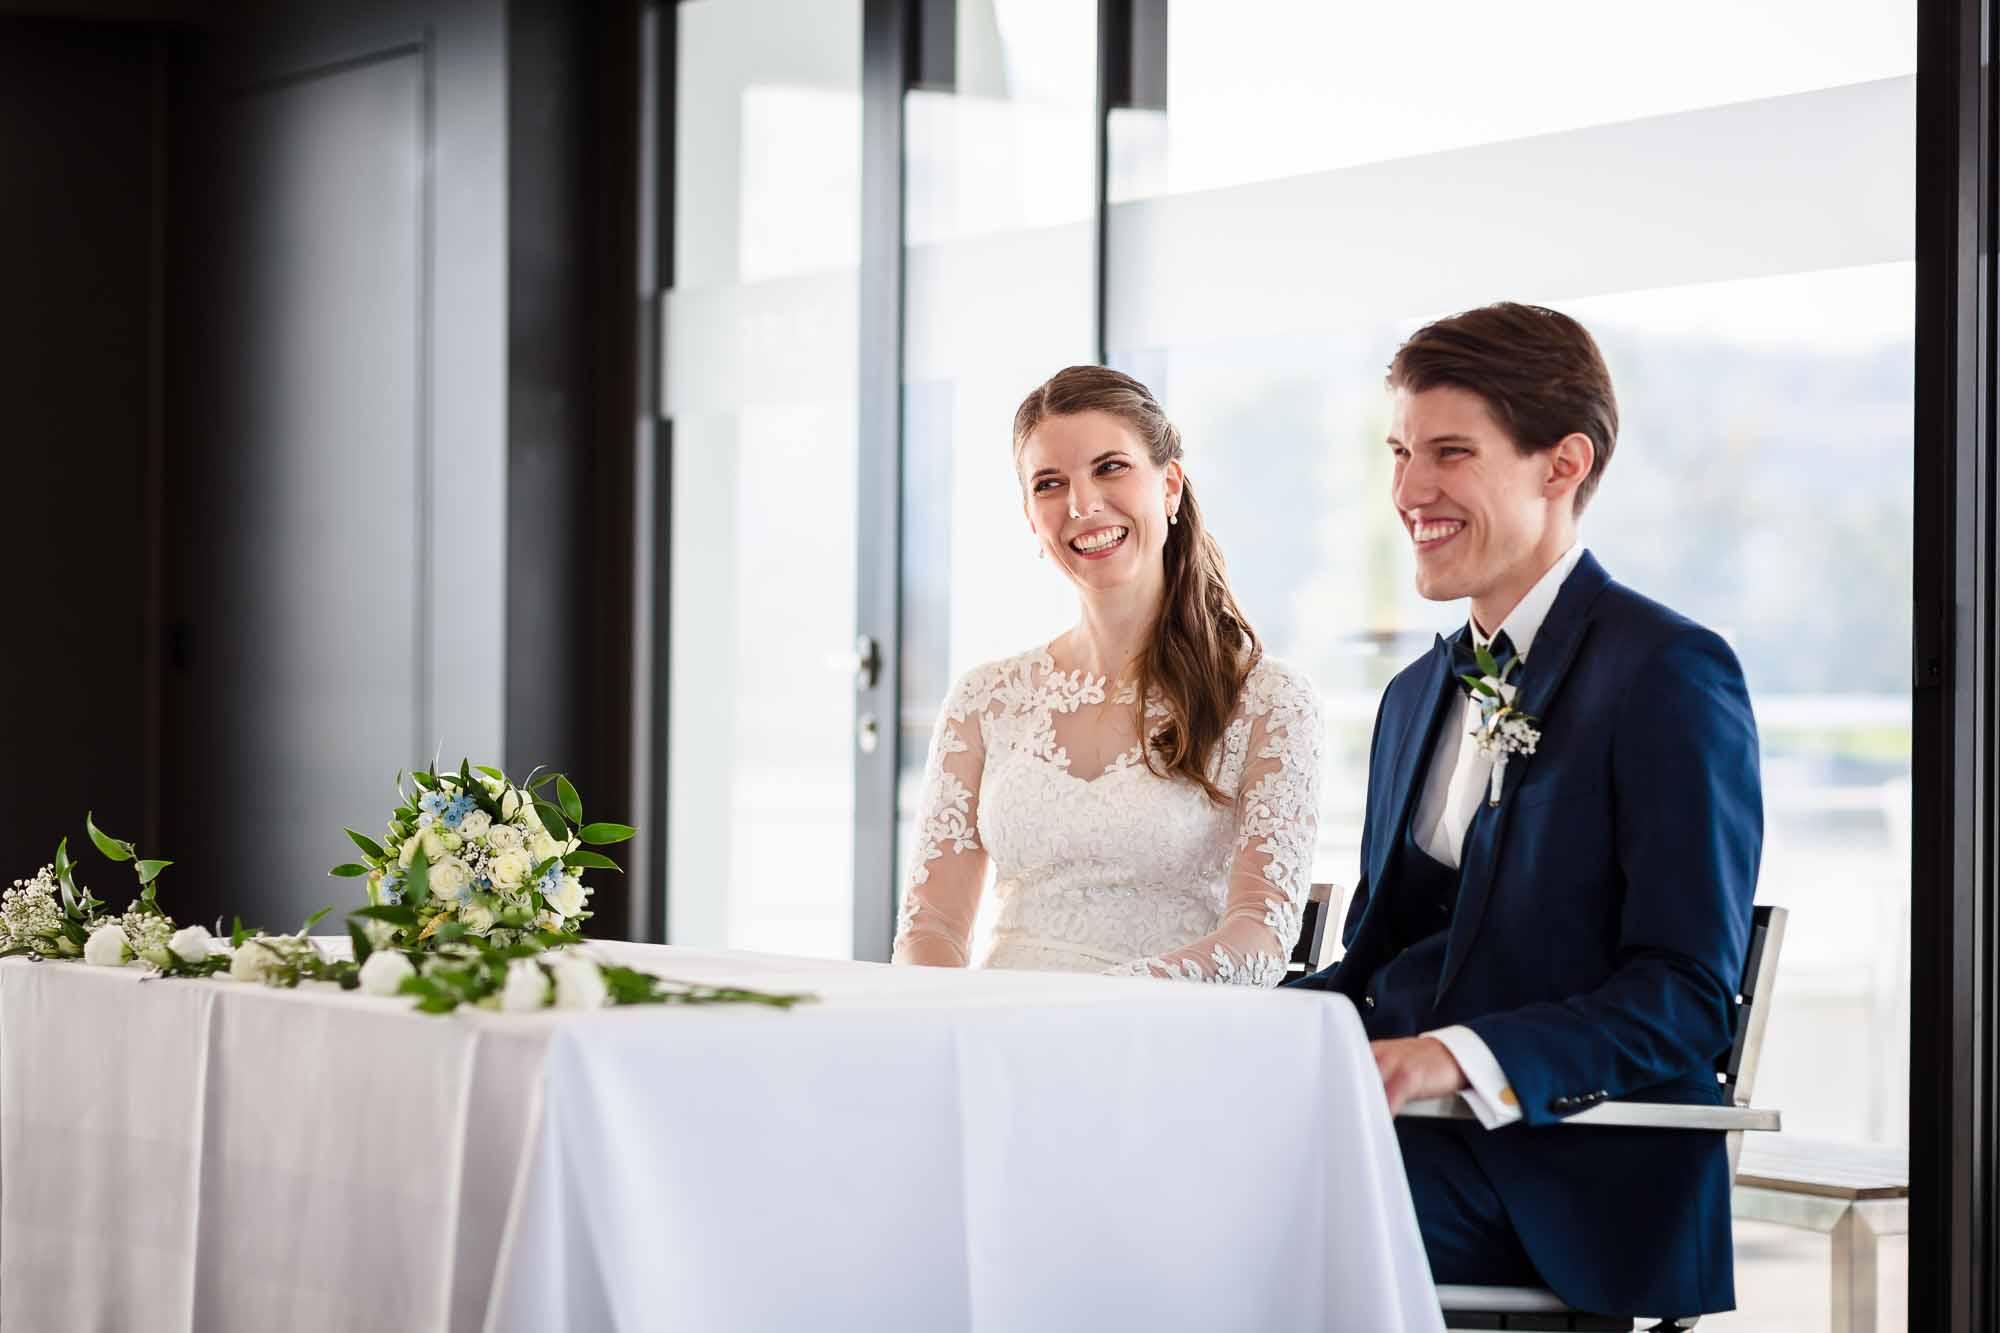 Brautpaar lacht Gäste an